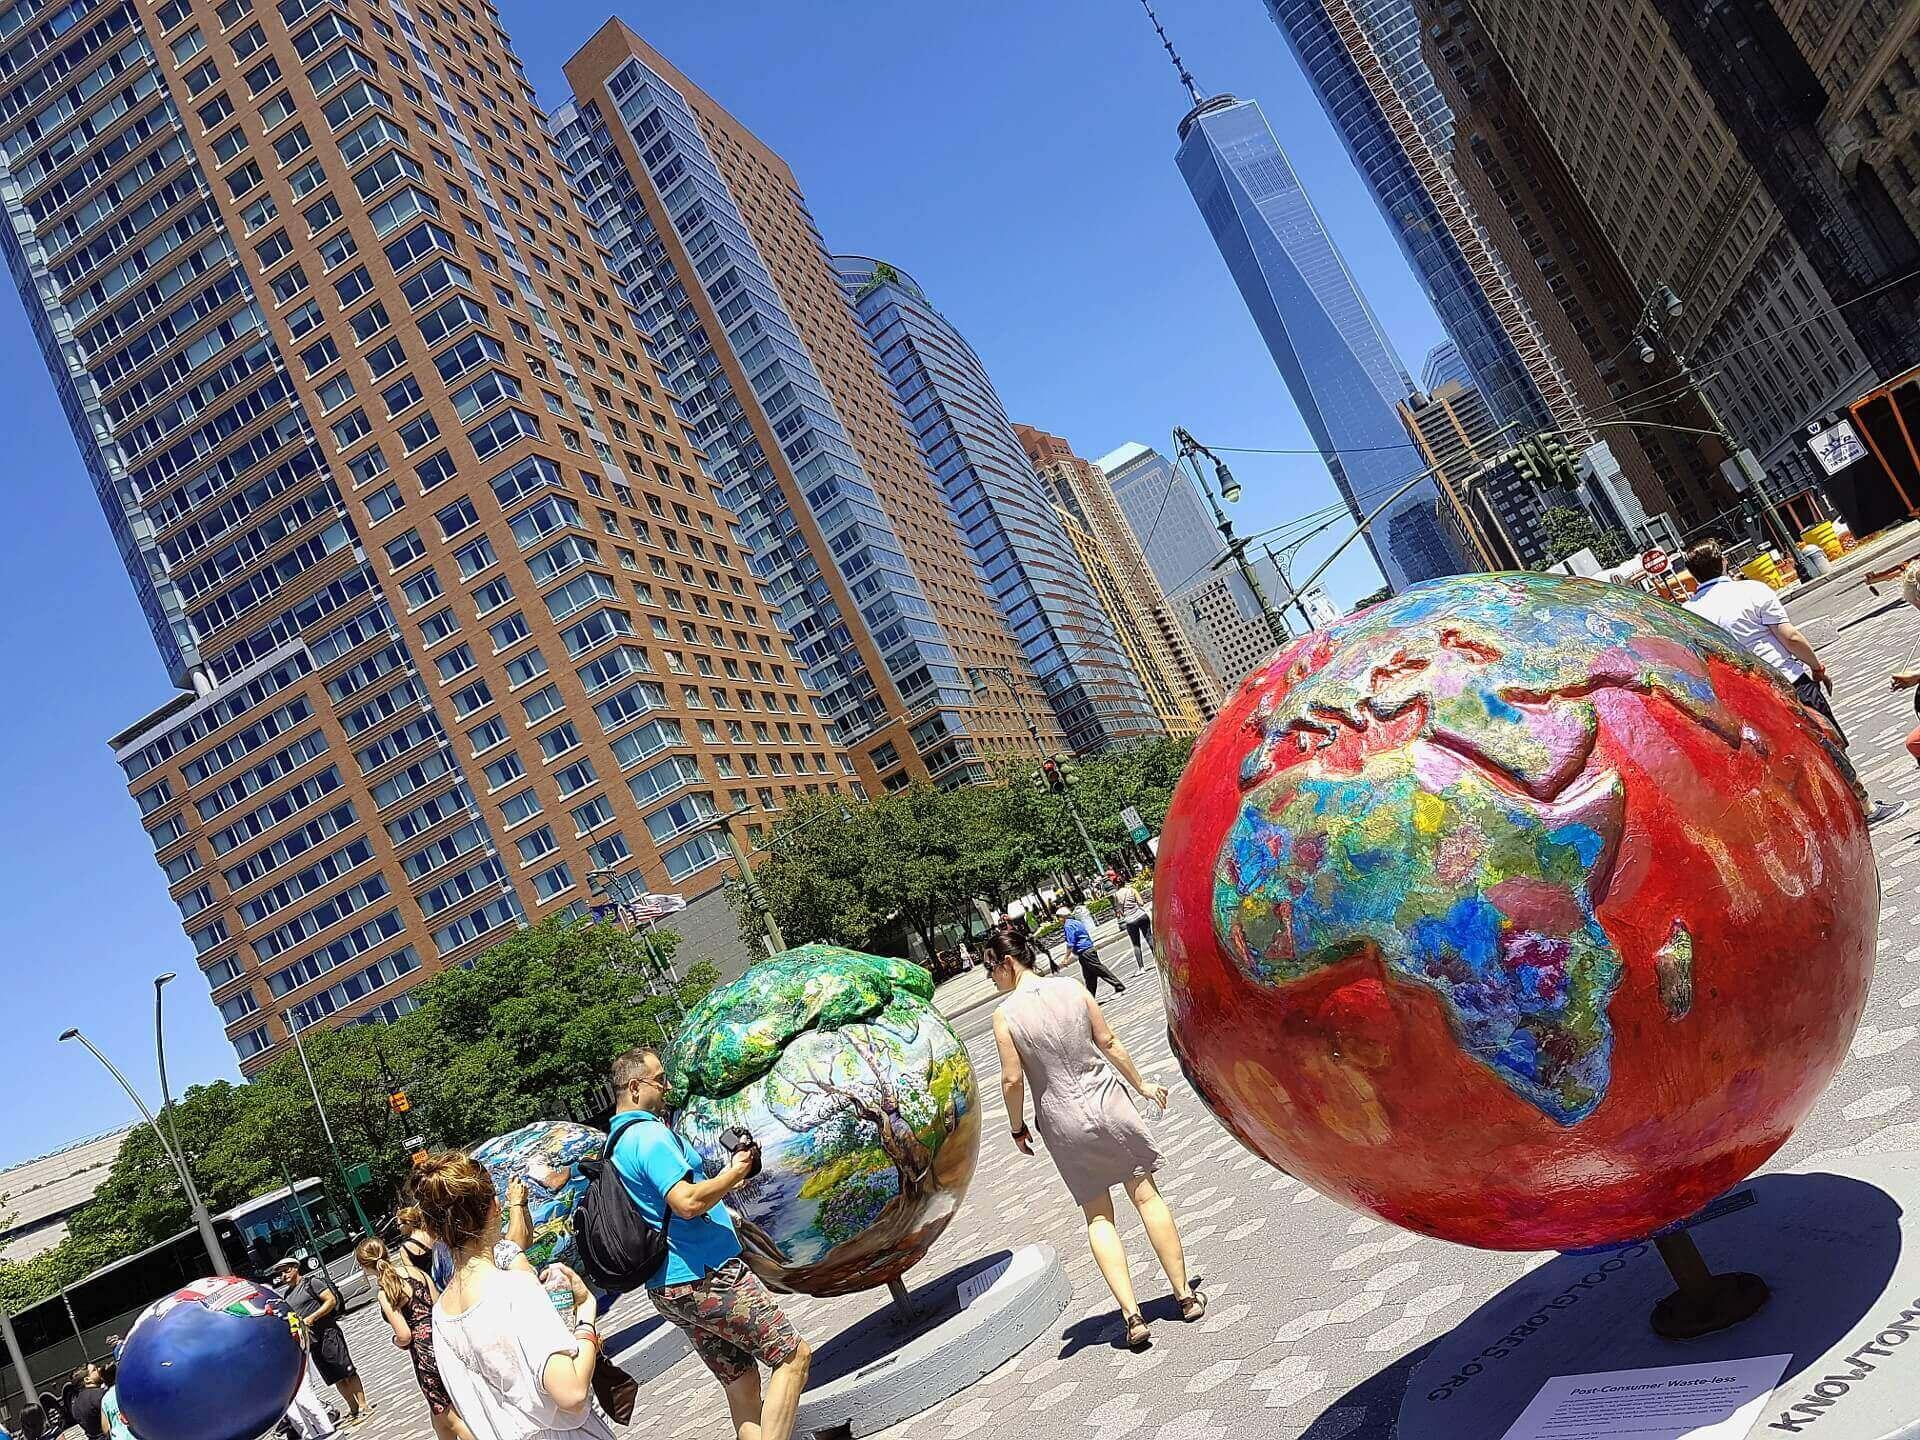 Widok na globusy na placu w Nowym Jorku, w tle drapacze chmur